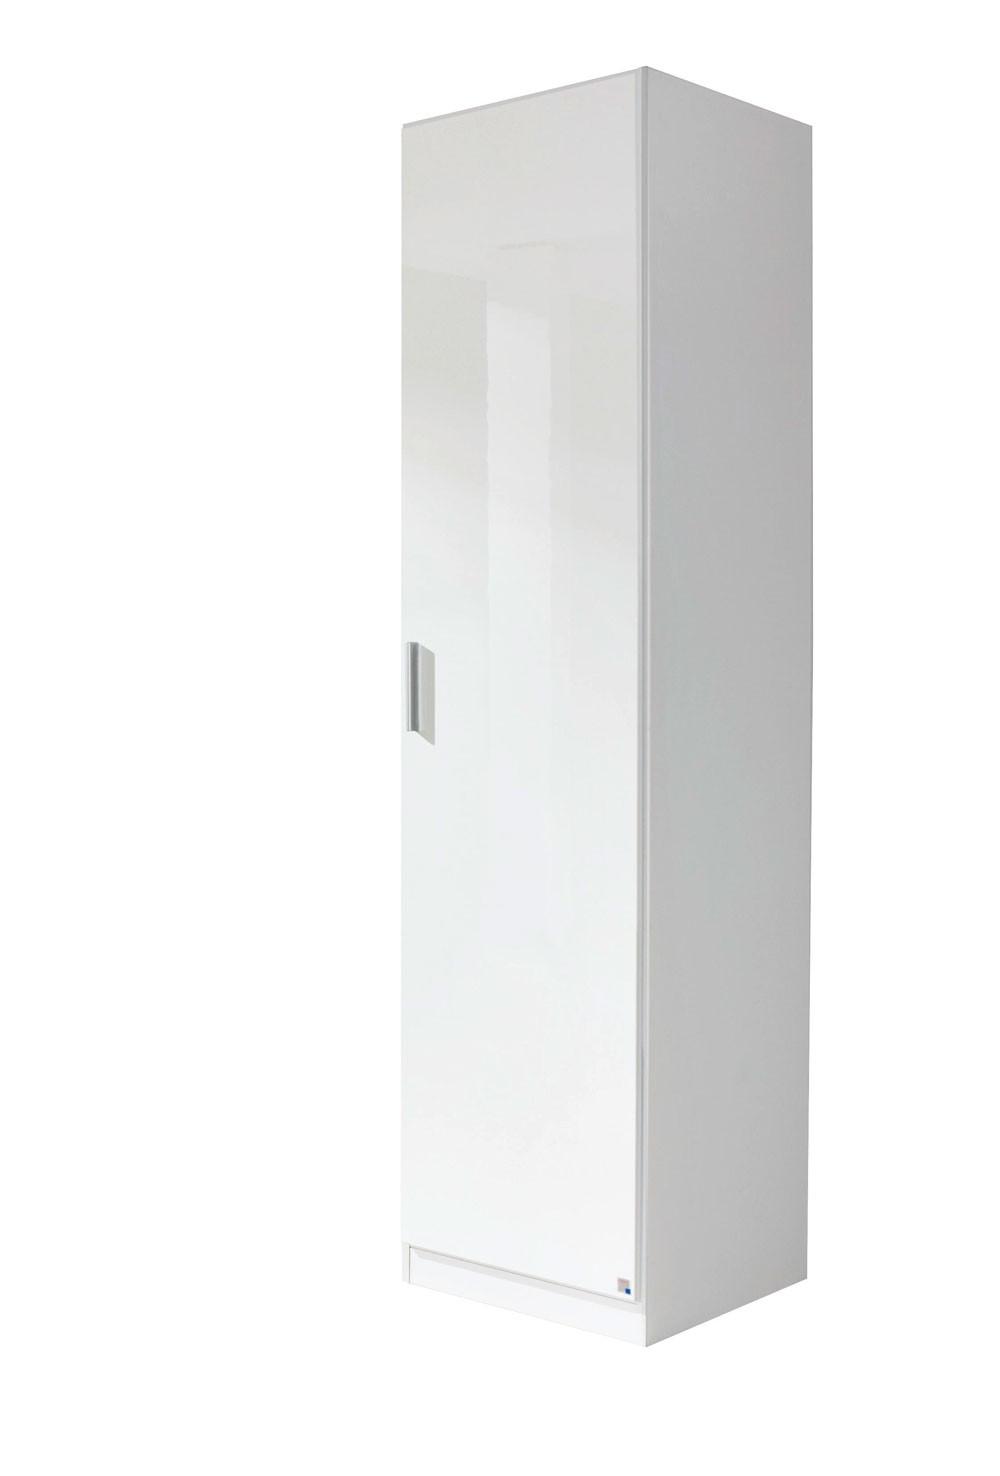 Rauch Cello 1 Door White Robe